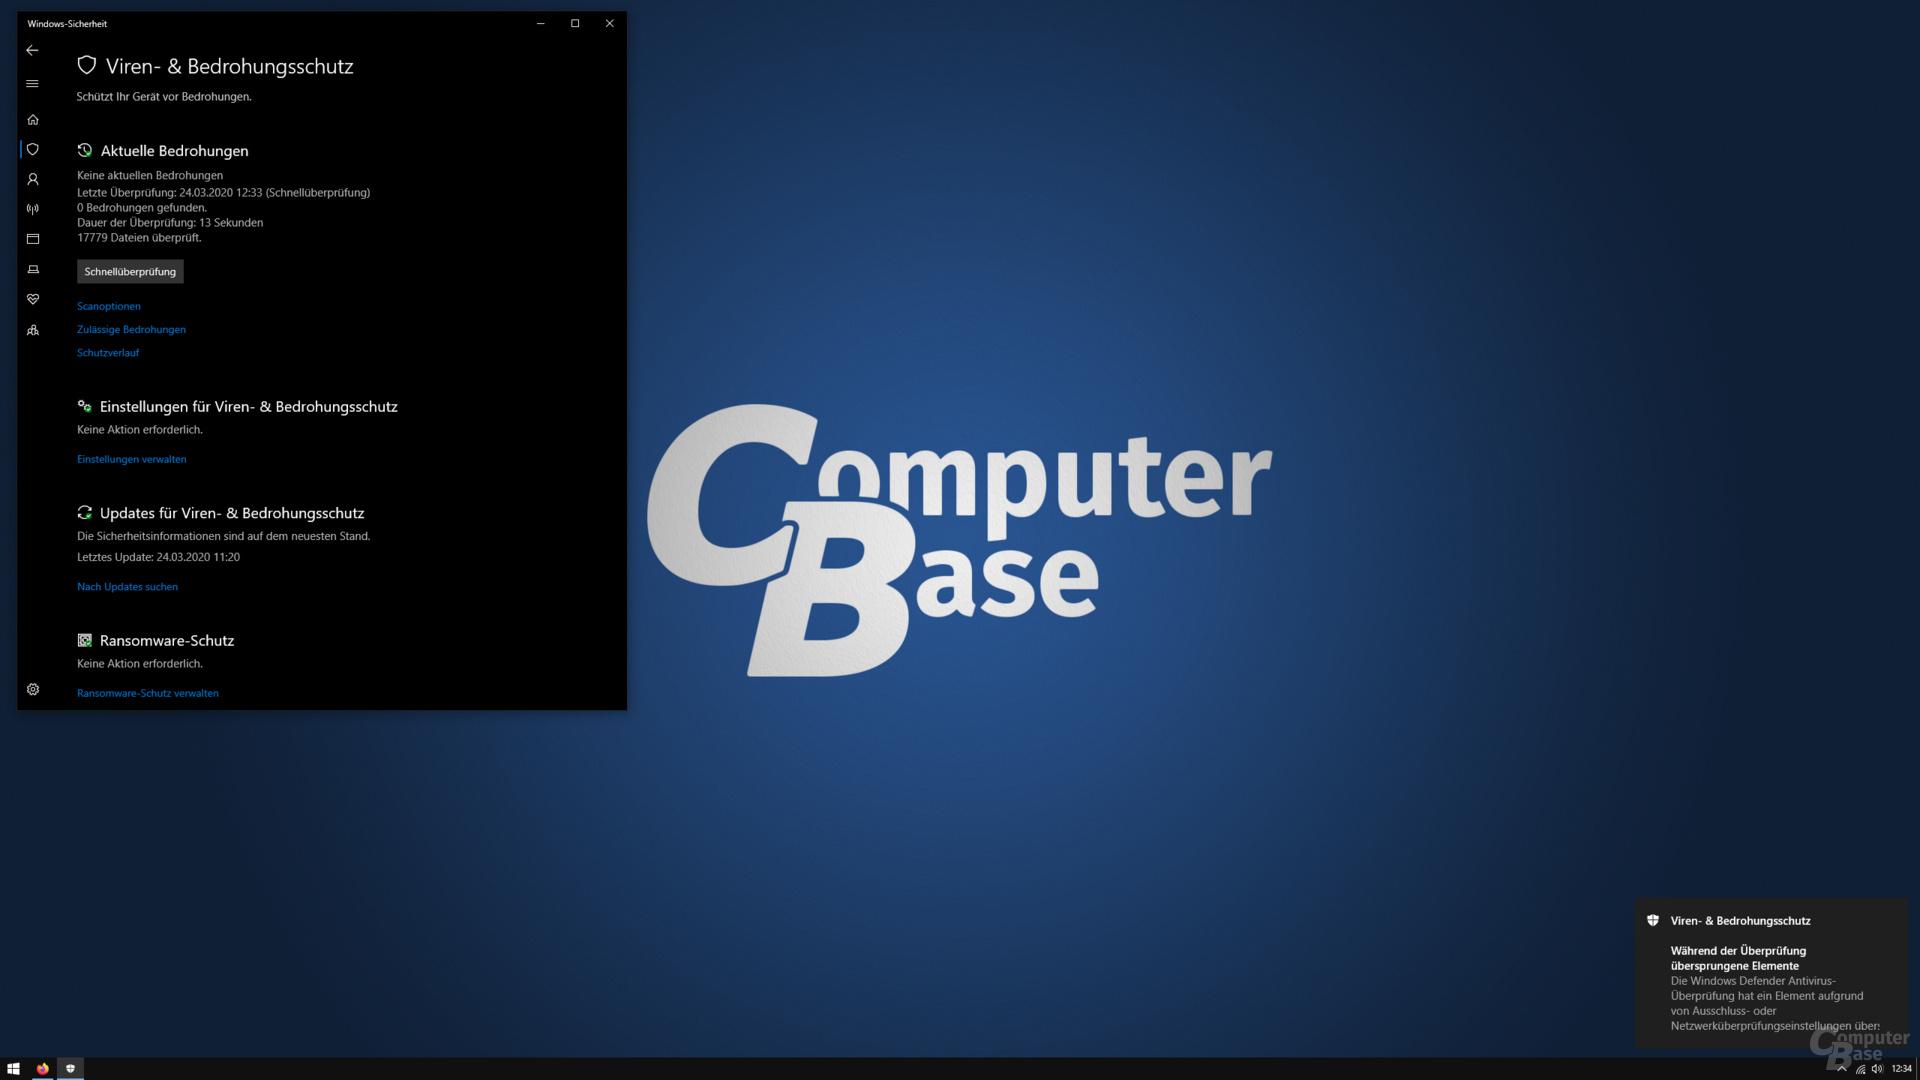 Der Windows Defender überspringt unbekannte Dateien beim Schnelltest